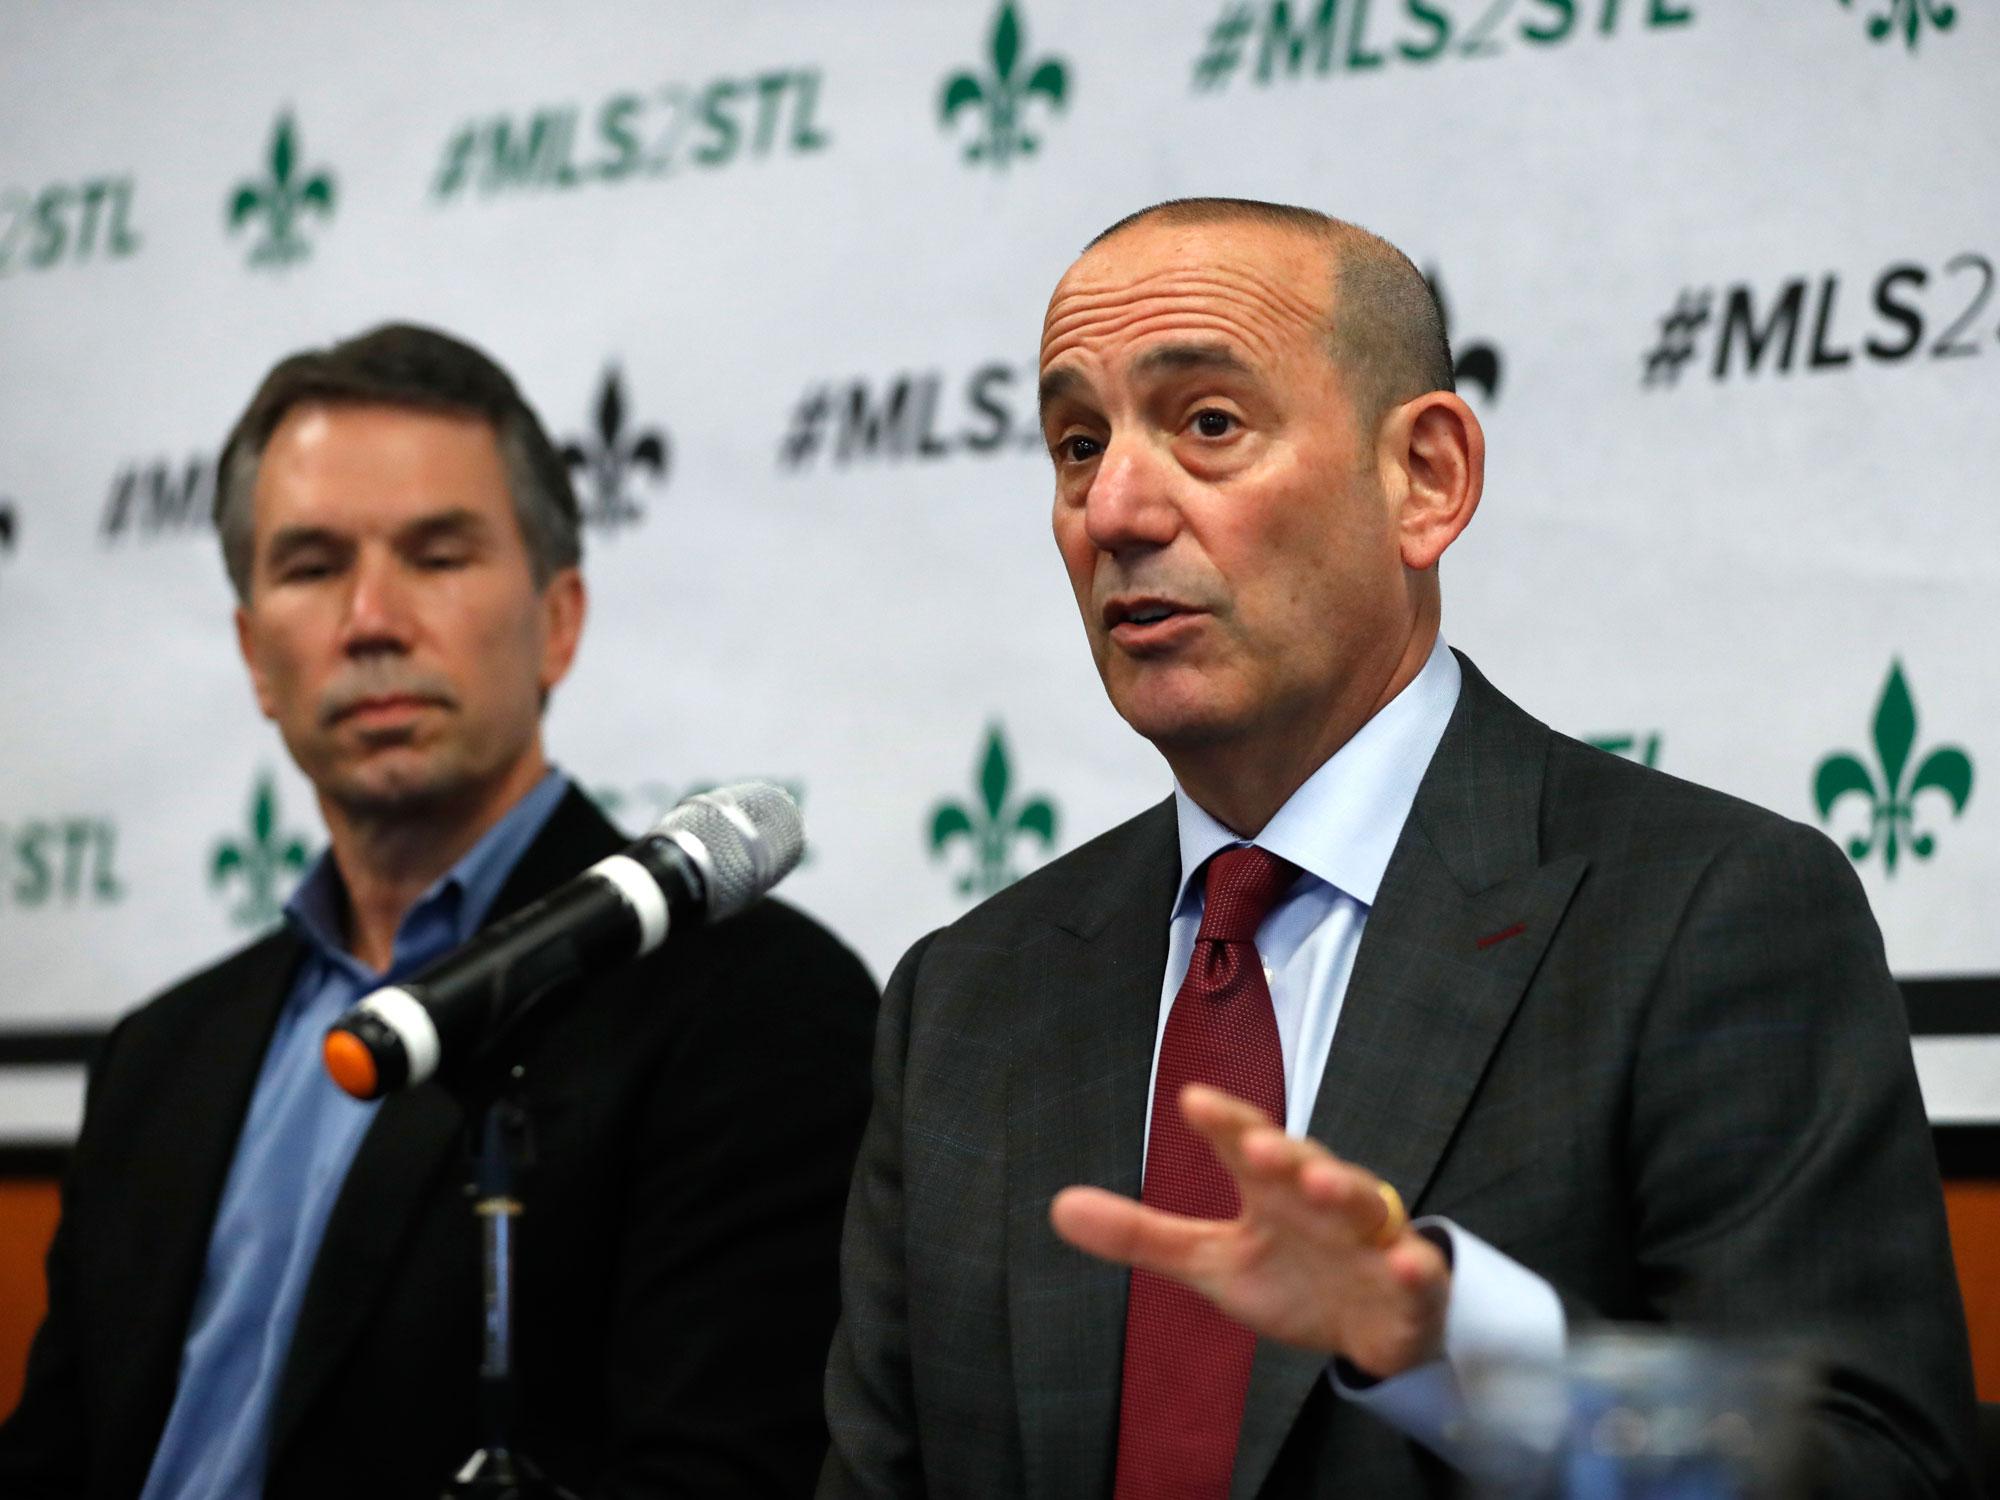 MLS commissioner Don Garber visits St. Louis's MLS expansion bid